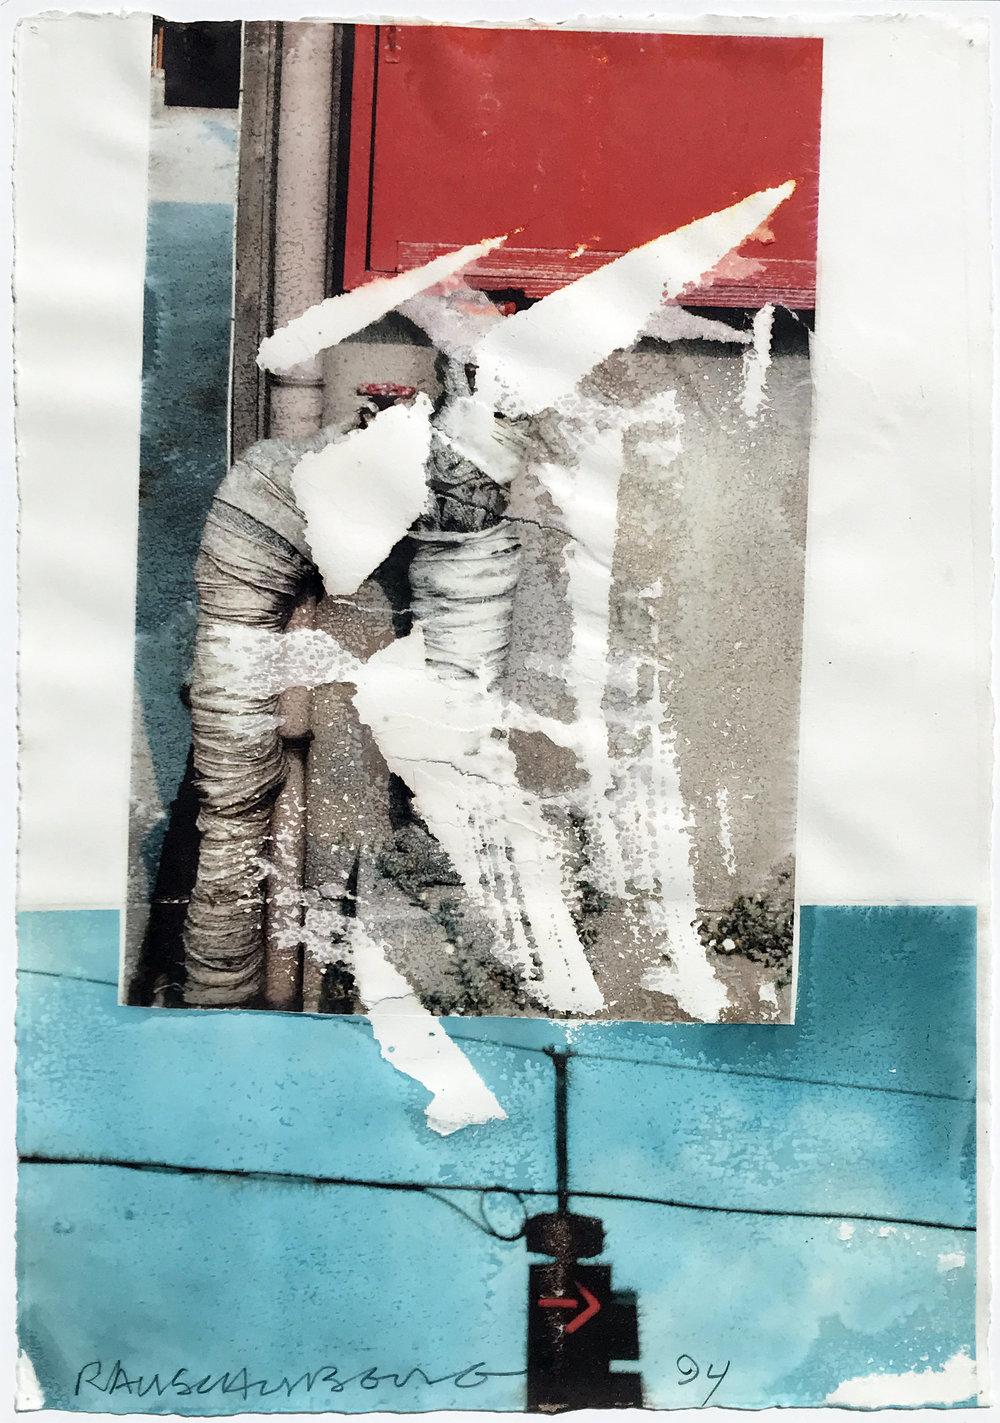 Robert Rauschenberg. Untitled, 1994. 94.D032.